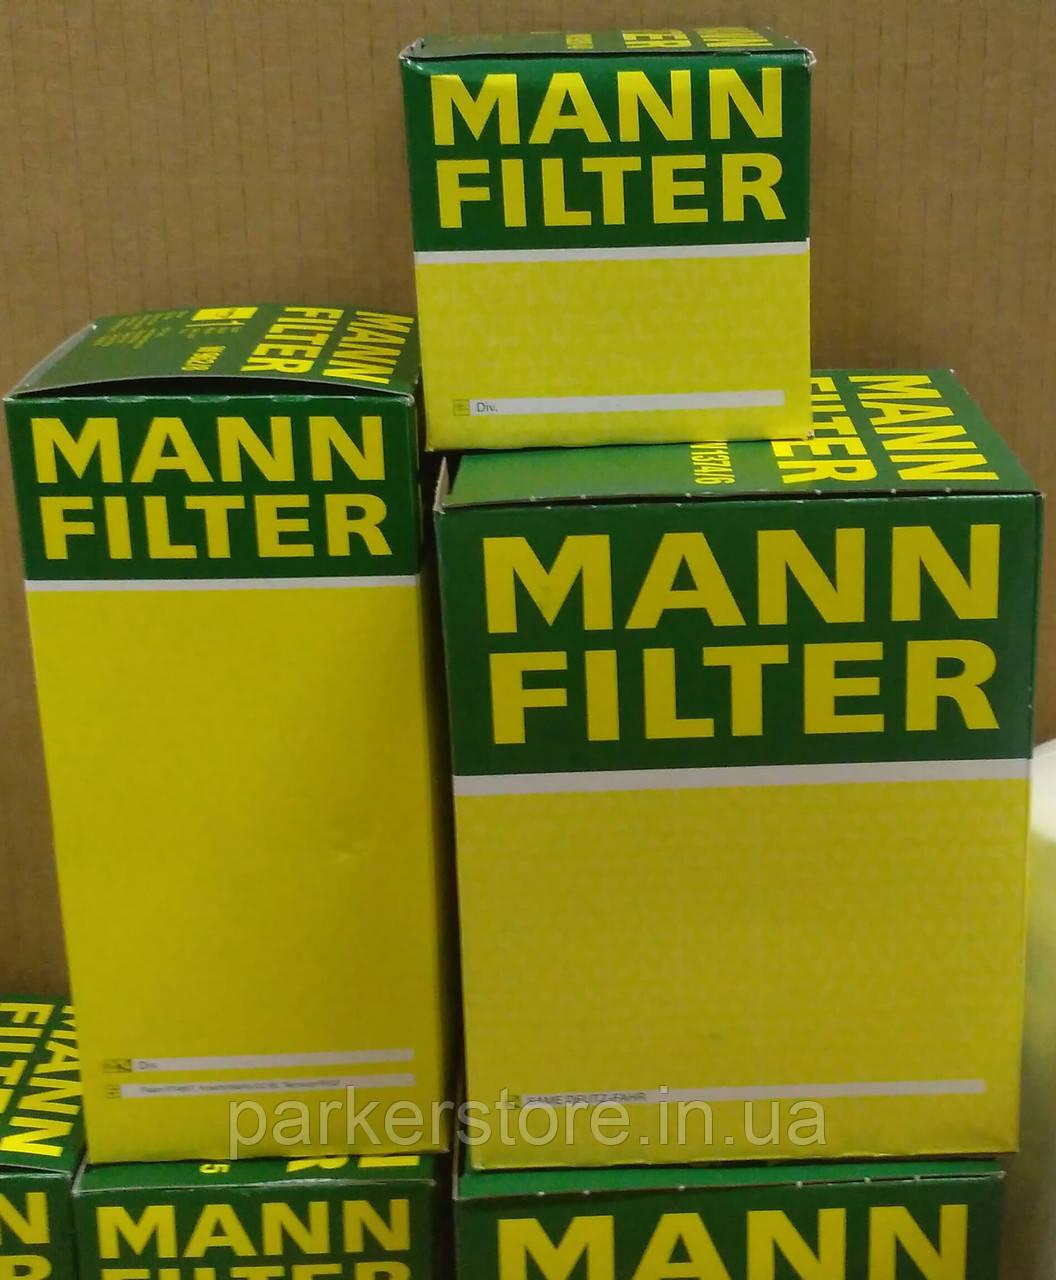 MANN FILTER / Повітряний фільтр / C 31 015 / C31015